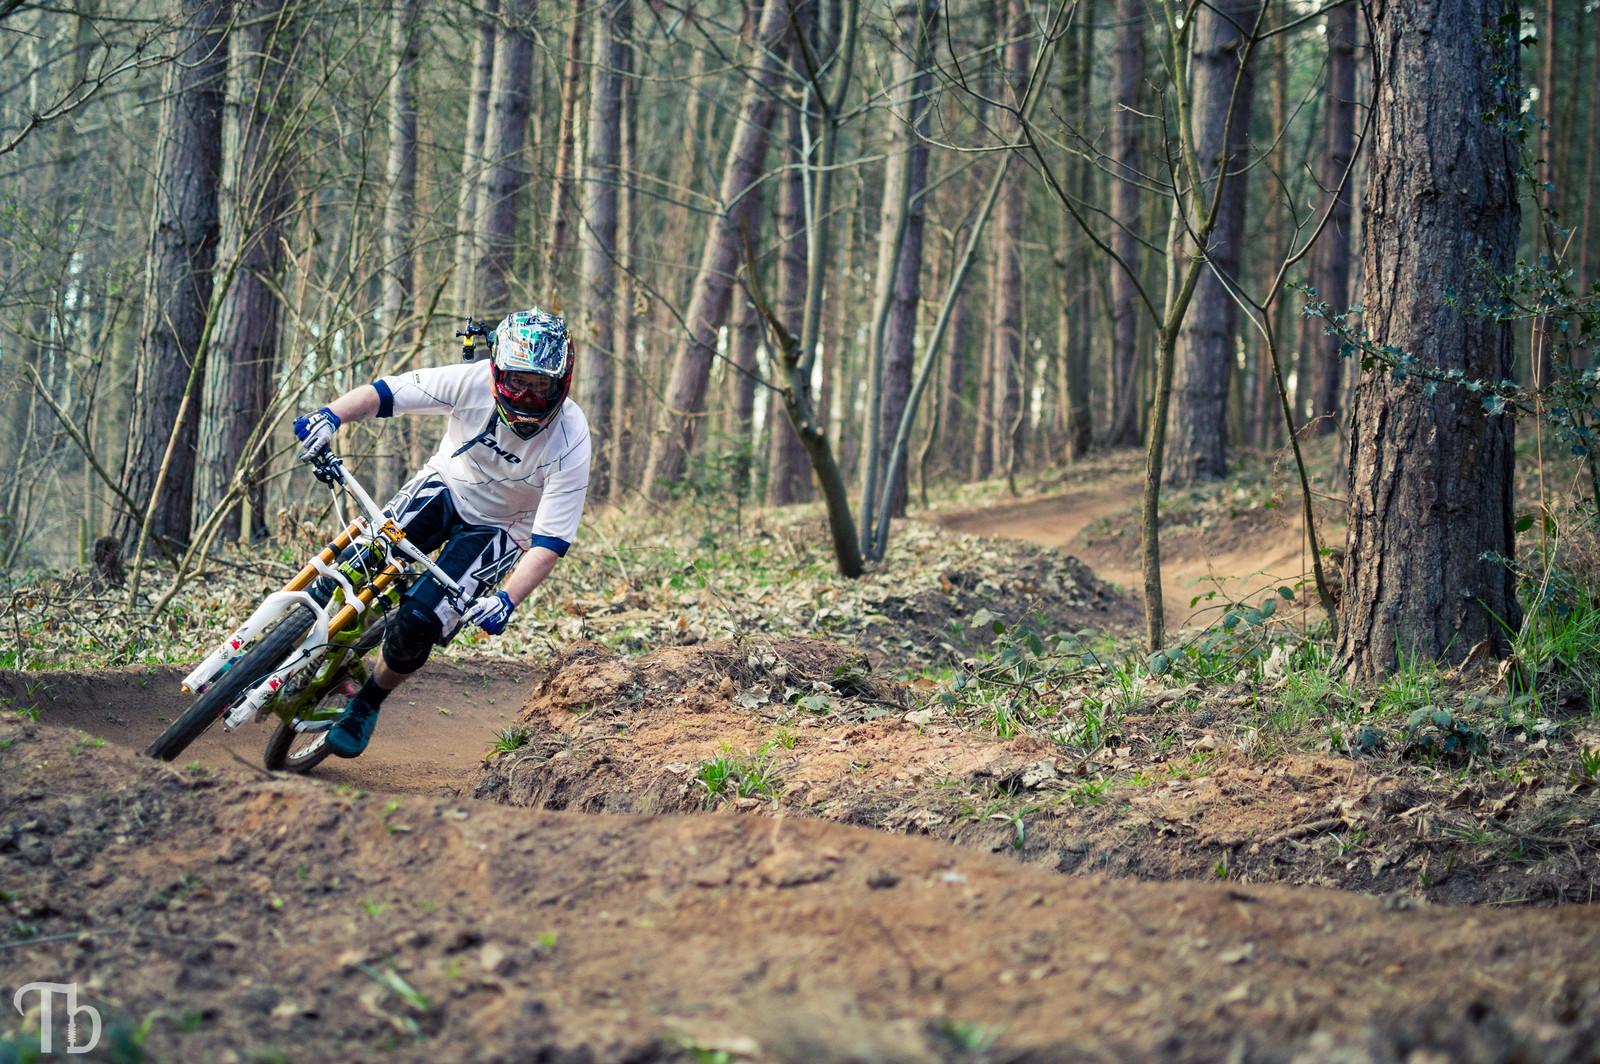 Berms - KillerXL5 - Mountain Biking Pictures - Vital MTB